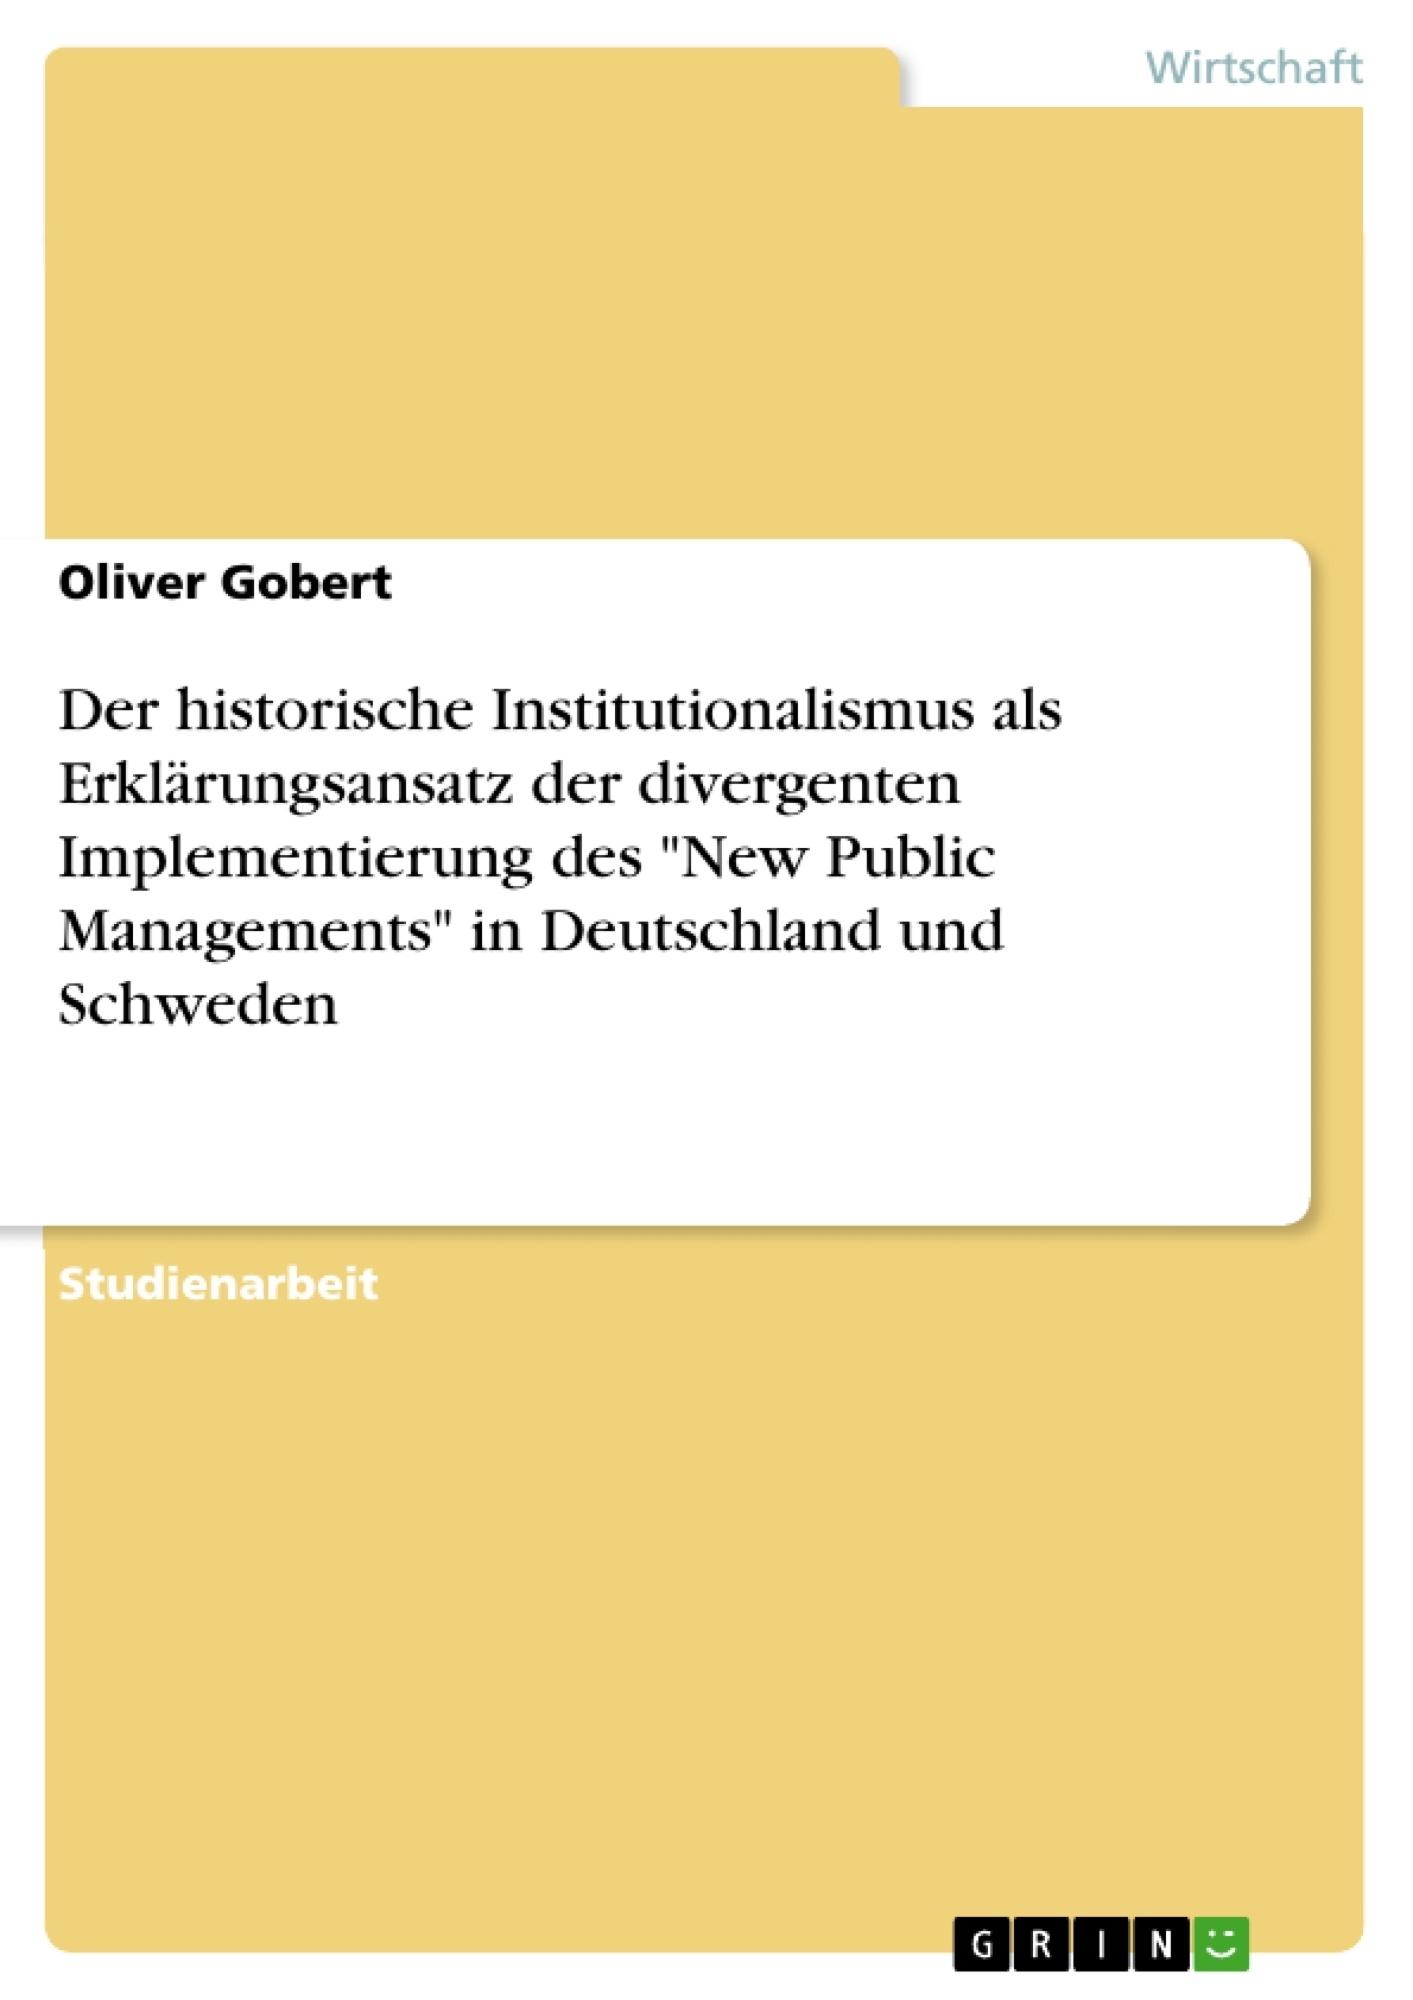 """Titel: Der historische Institutionalismus als Erklärungsansatz der divergenten Implementierung des """"New Public Managements"""" in Deutschland und Schweden"""